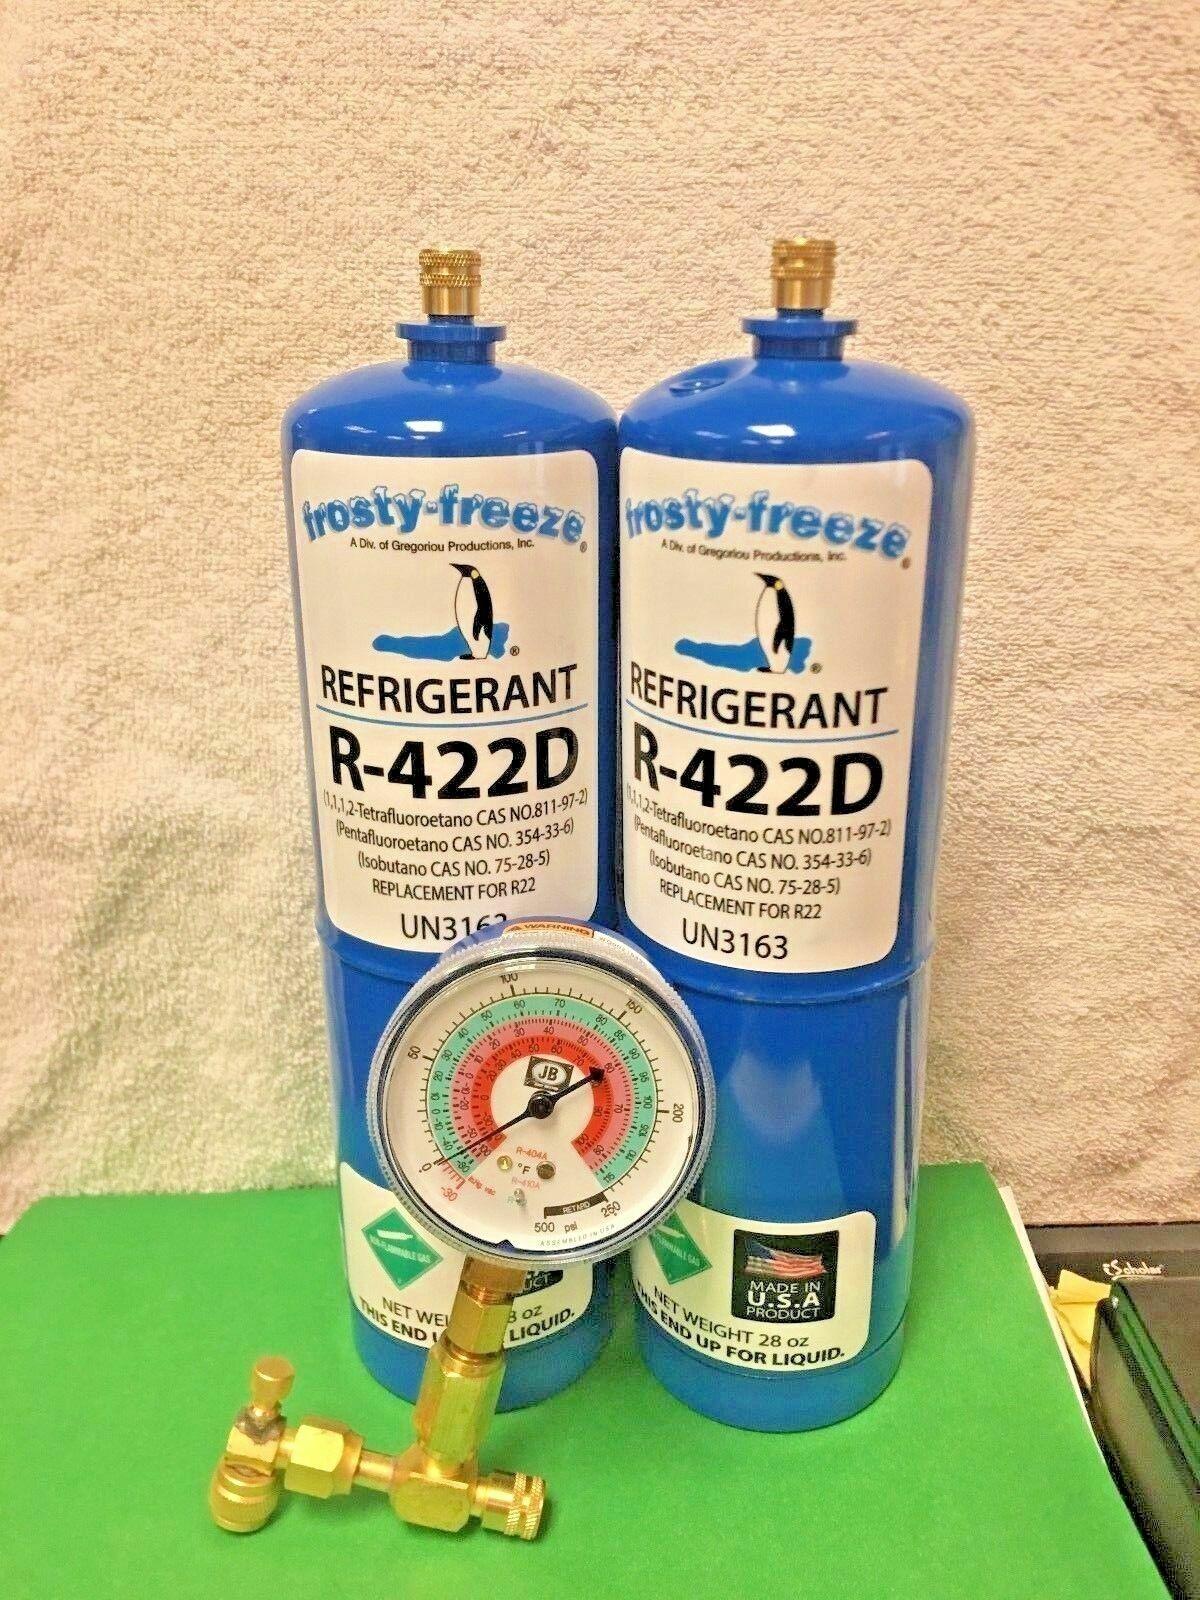 Refrigerant R422D, R-422D, R422 (R22 R-22 R-407C R-417A Substitute) 3 Can  Kit